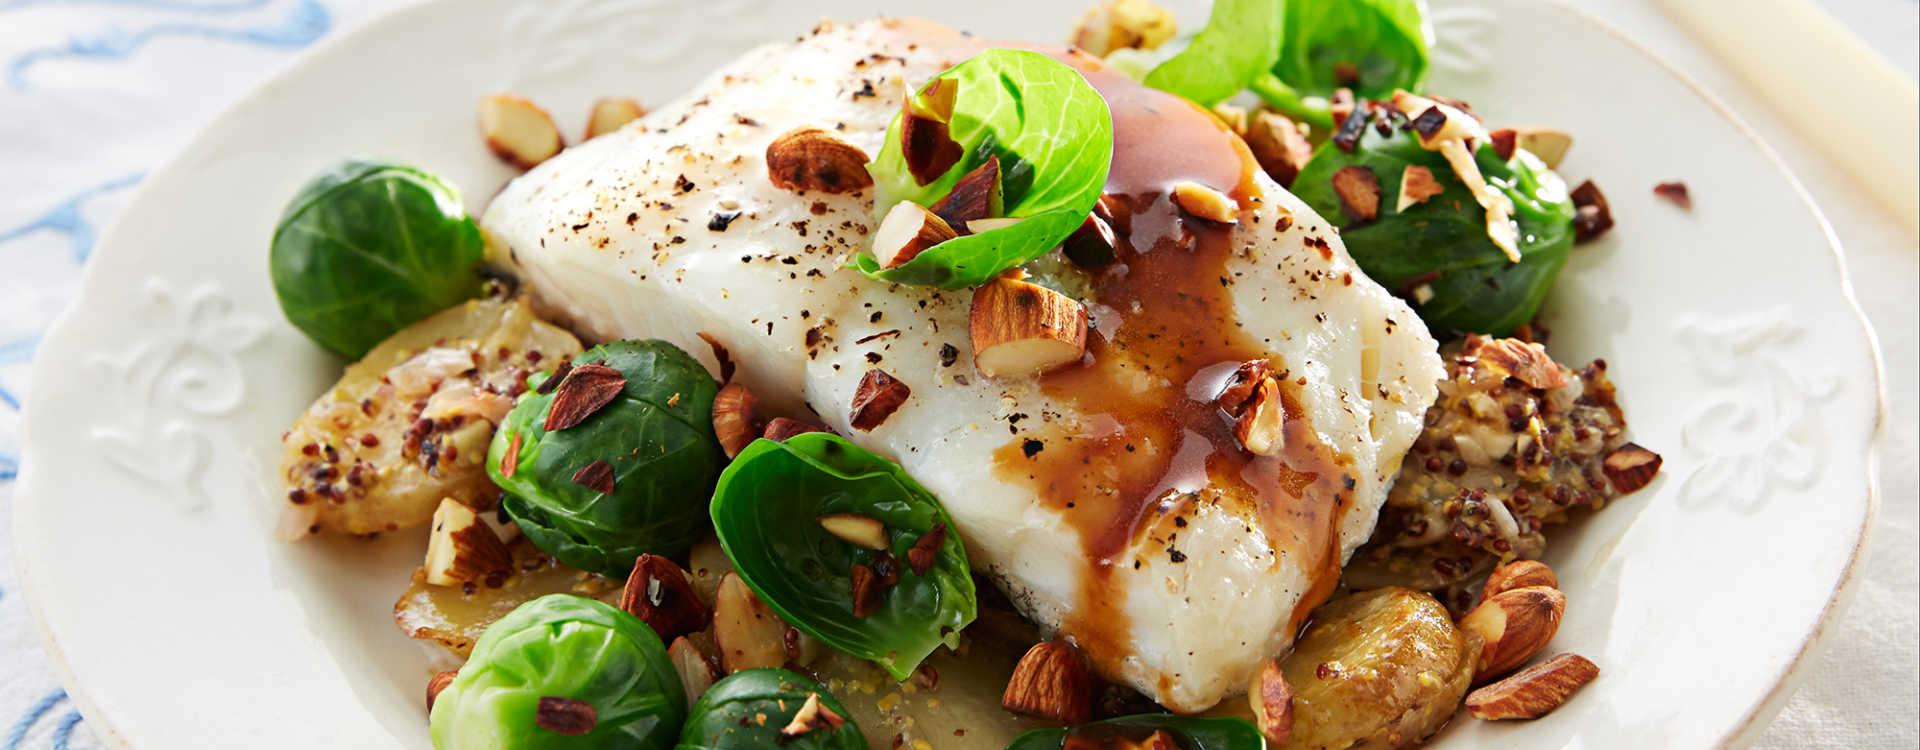 Torsk i ovn med sennepsgratinerte poteter og rødvinssaus